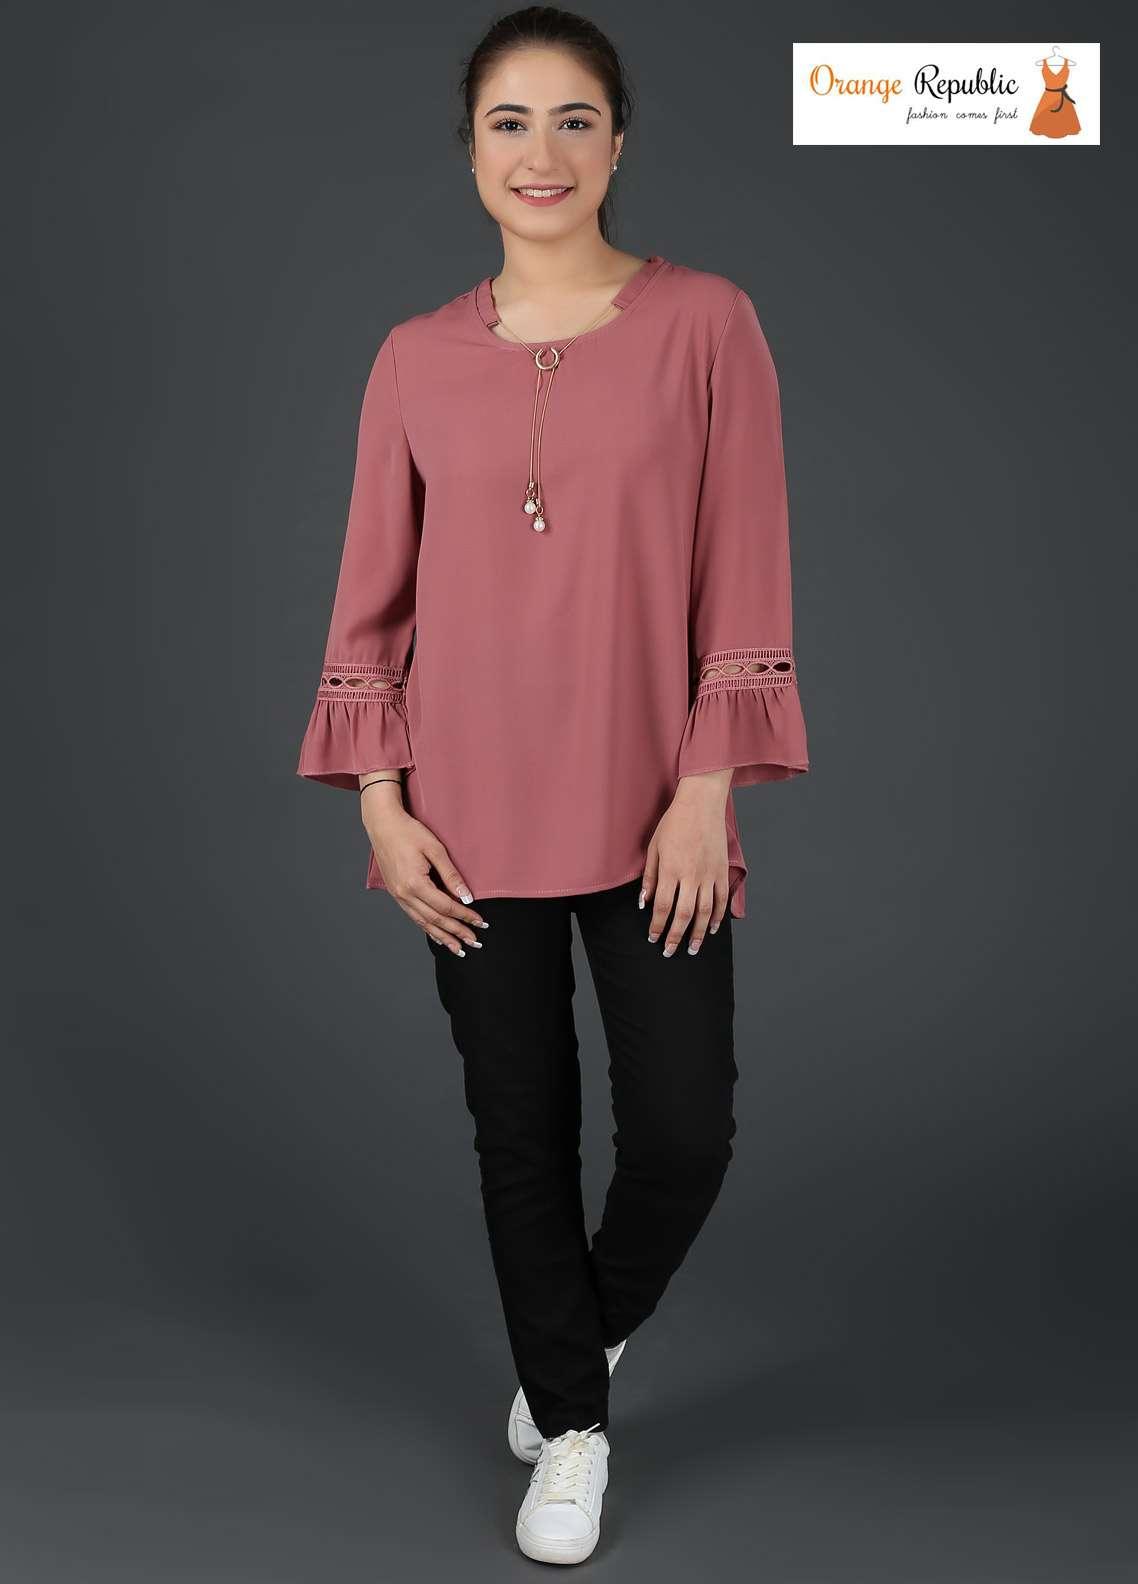 Orange Republic Fancy Style Bubble Chiffon Stitched Tops USA-04 Tea Pink